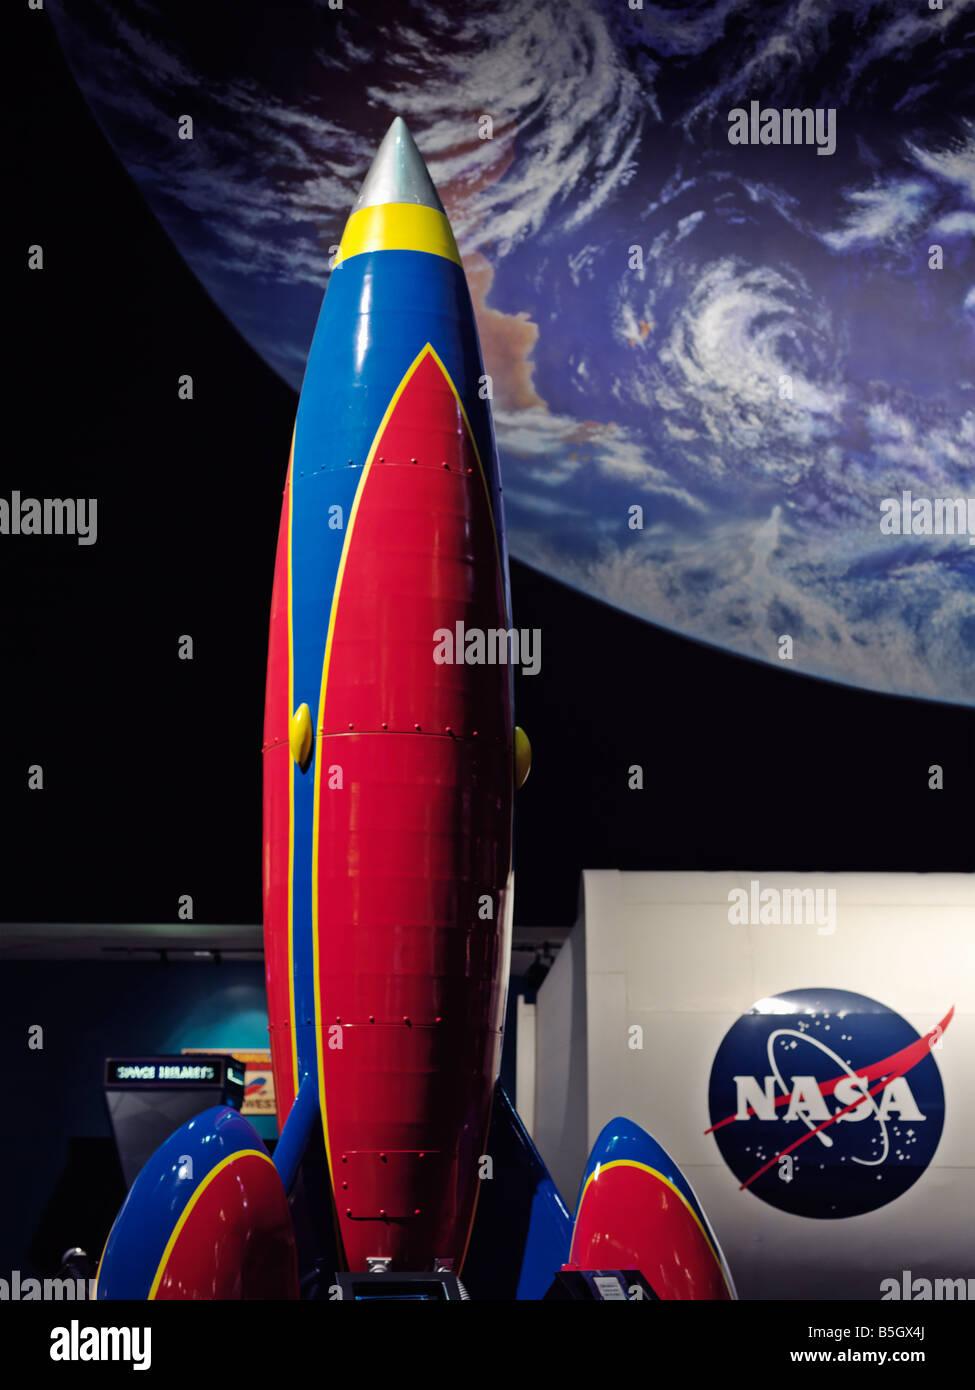 USA,Texas,Houston,Space Center Houston NASA Johnson Space Center display of spaceship - Stock Image